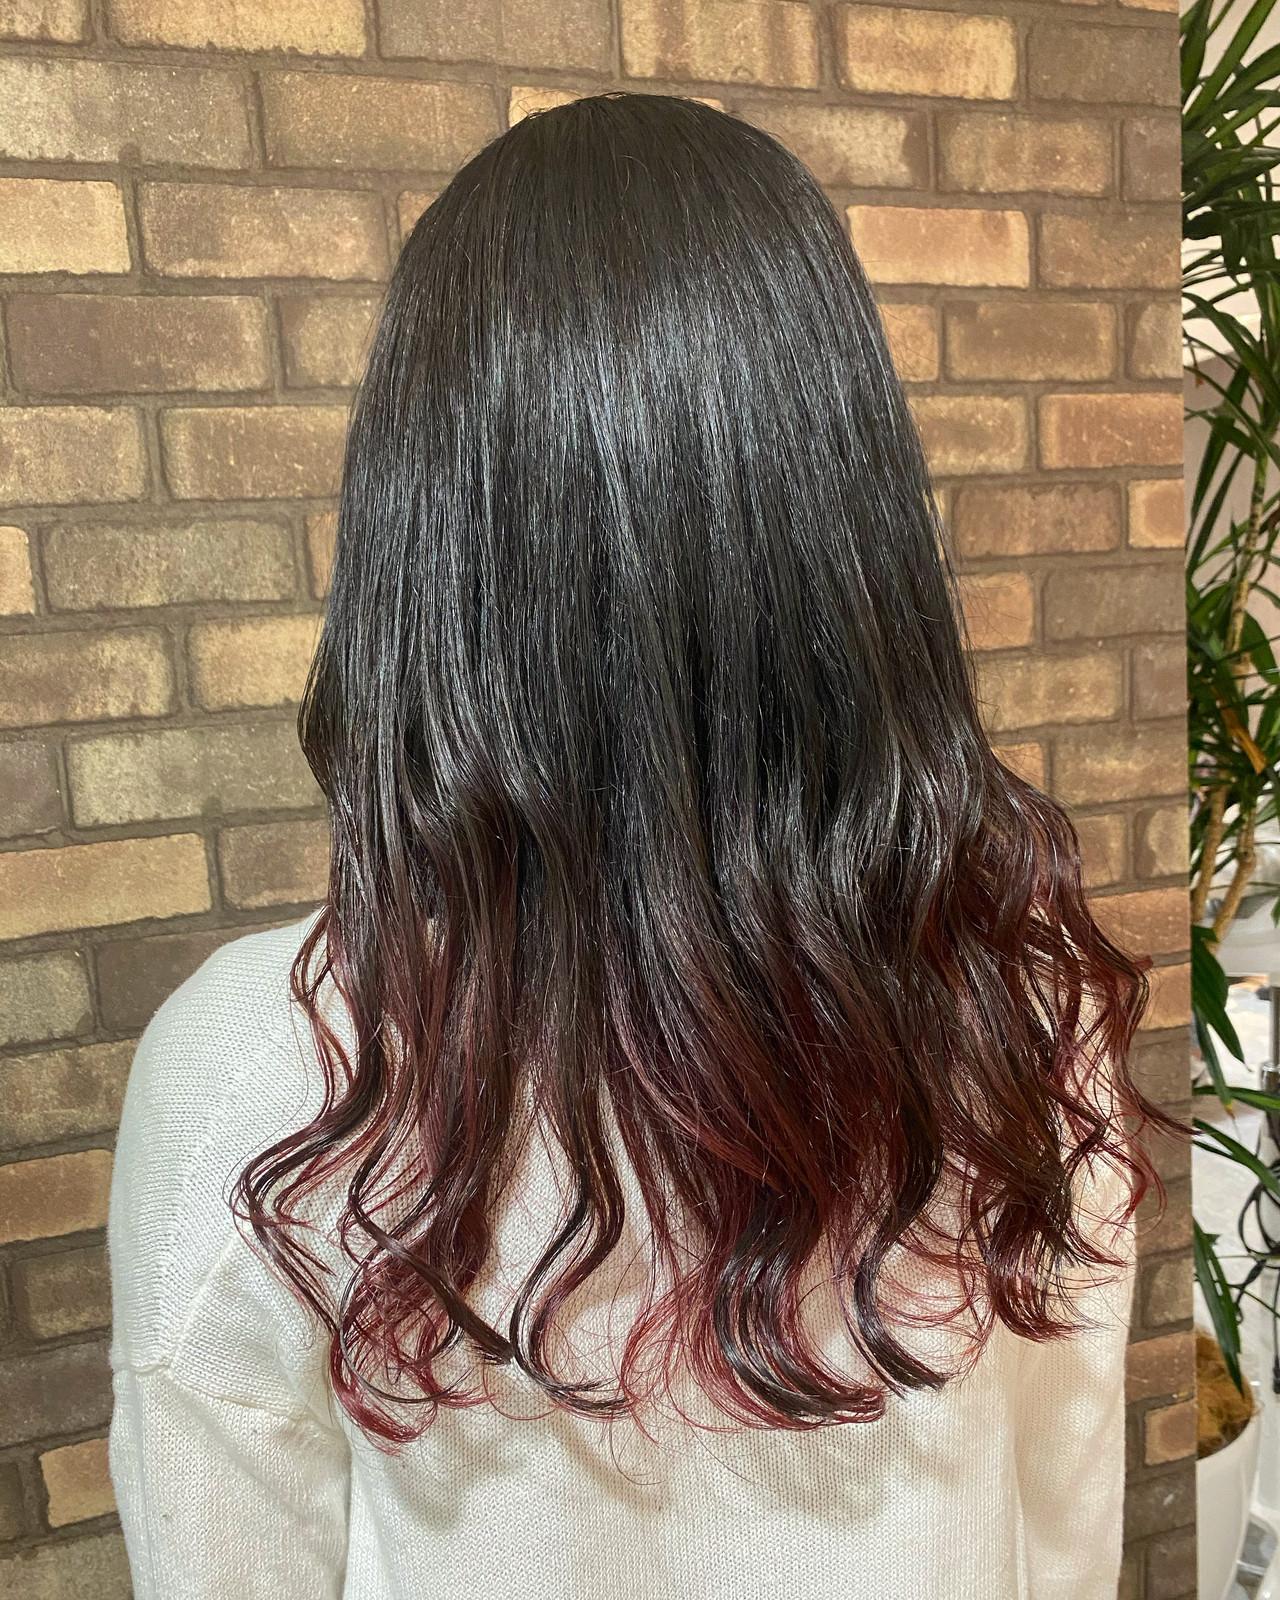 イルミナカラー 透明感 レッドカラー セミロング ヘアスタイルや髪型の写真・画像